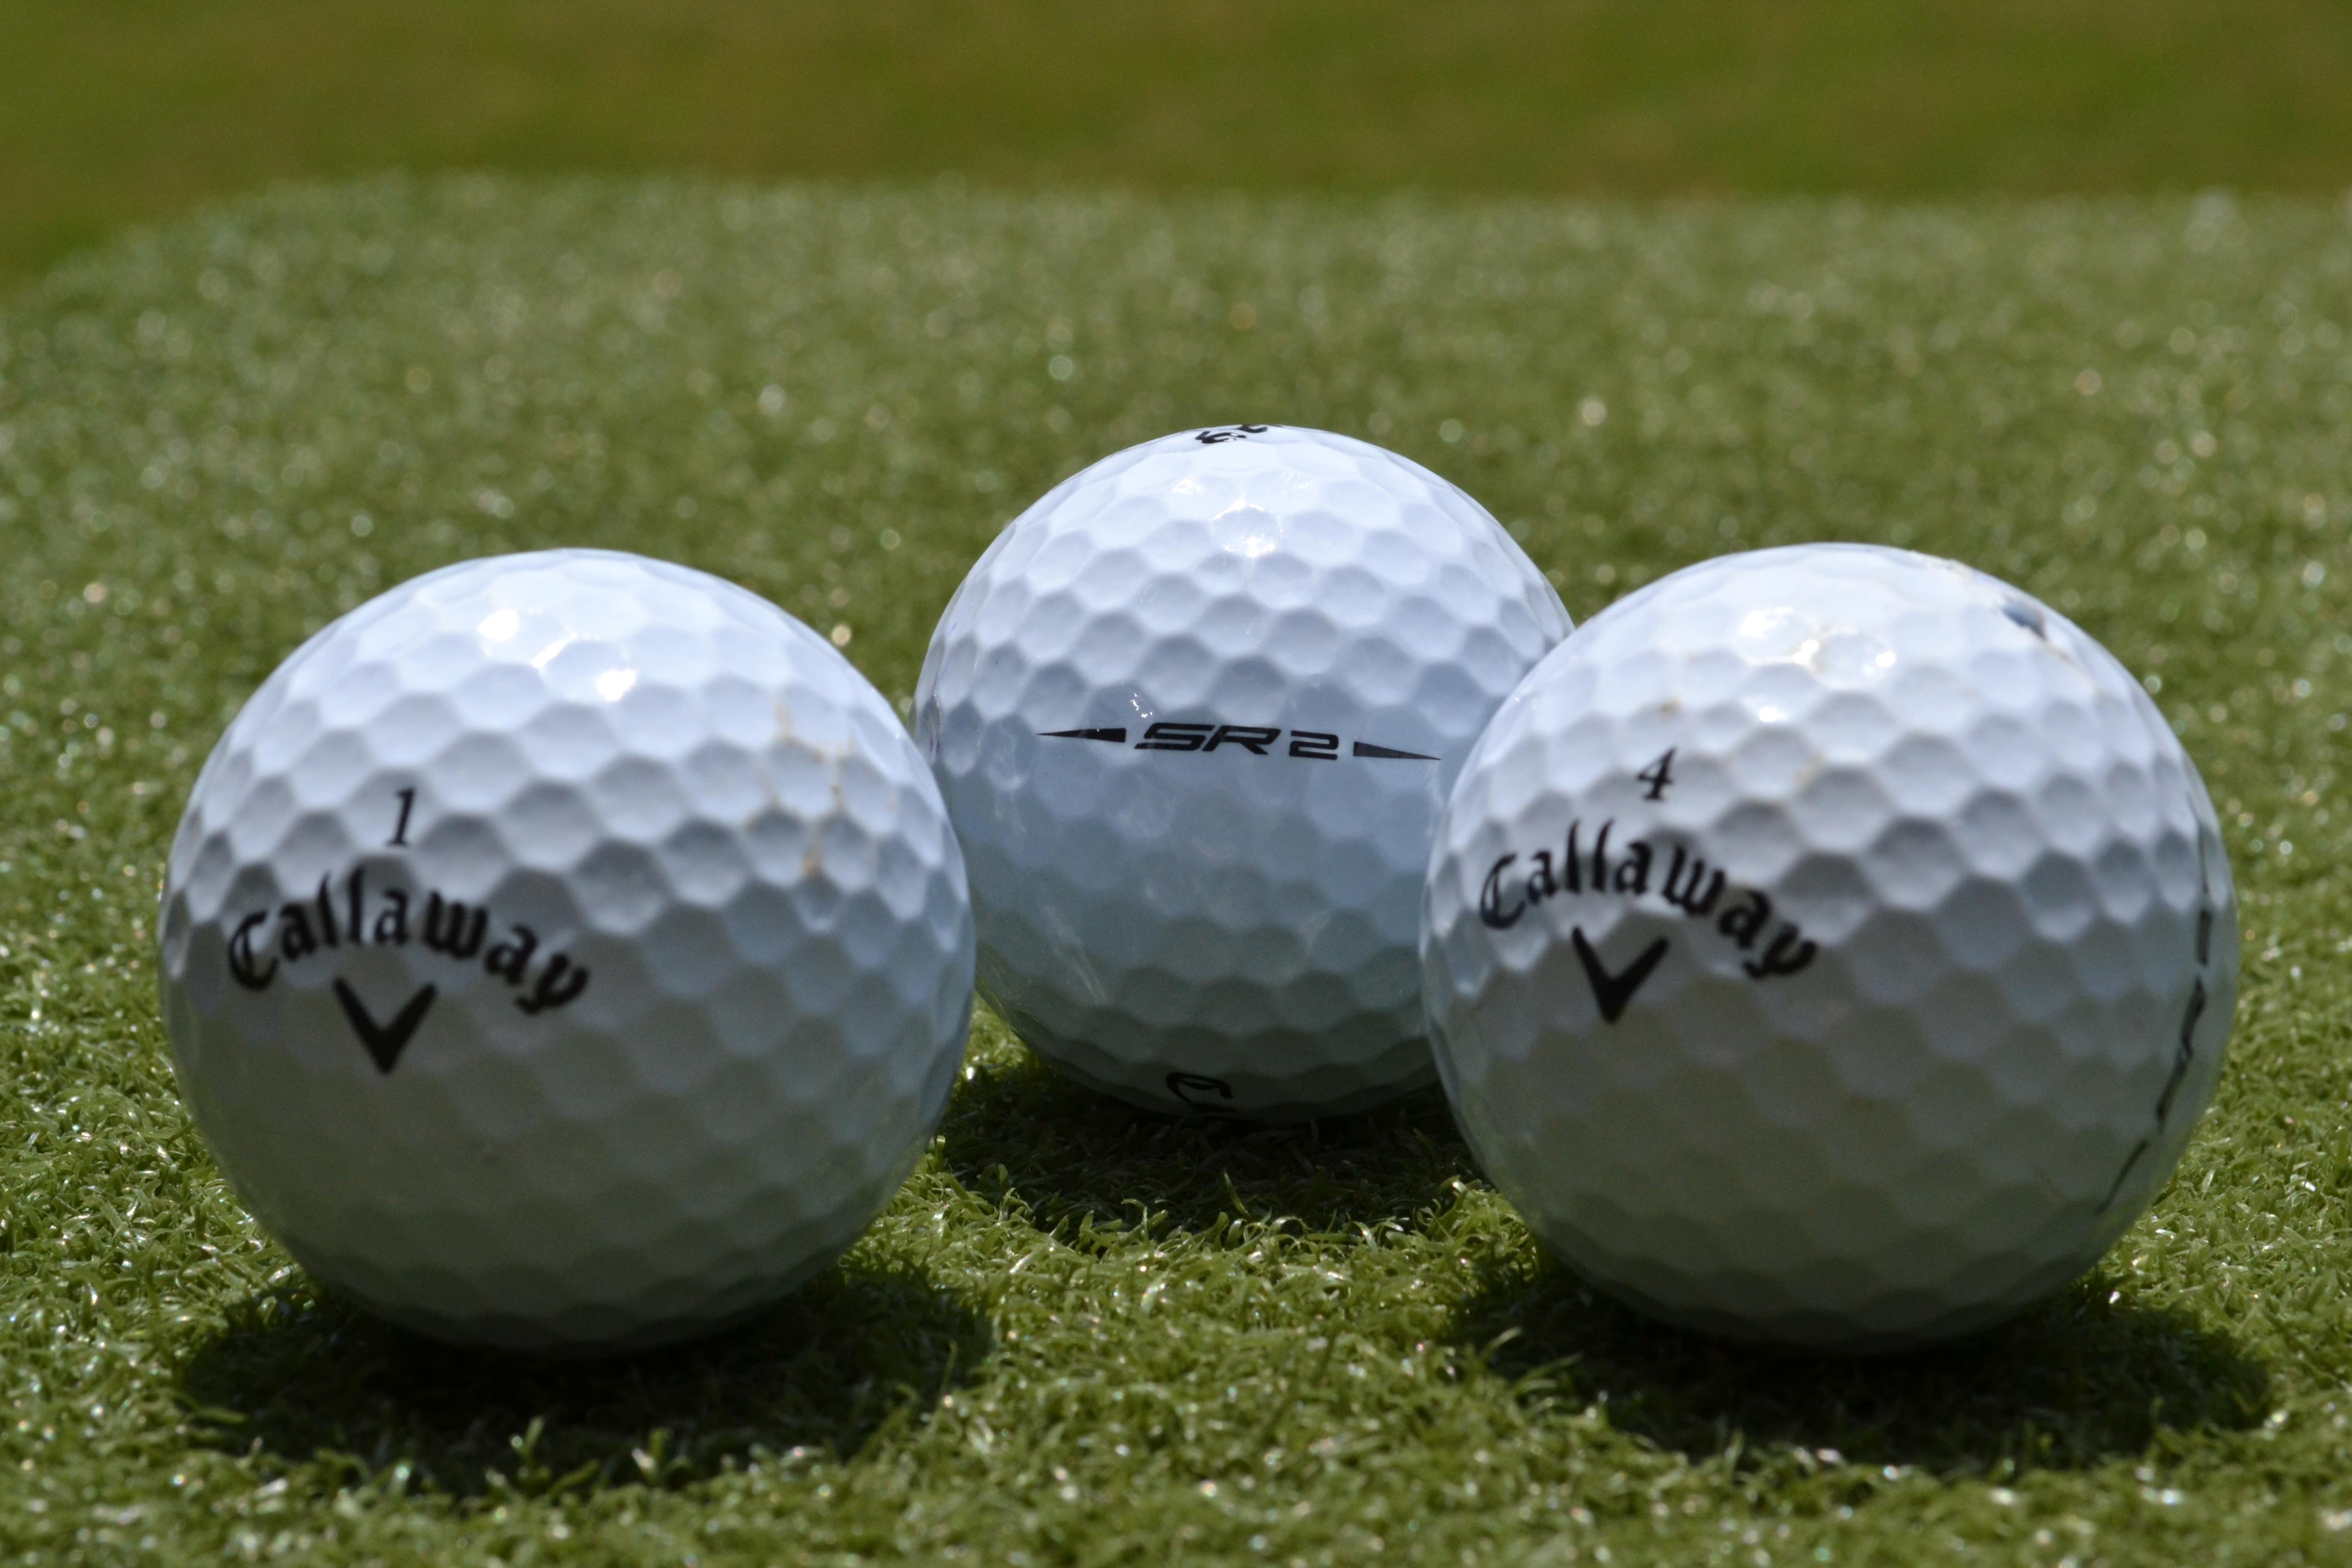 SR2 Balls